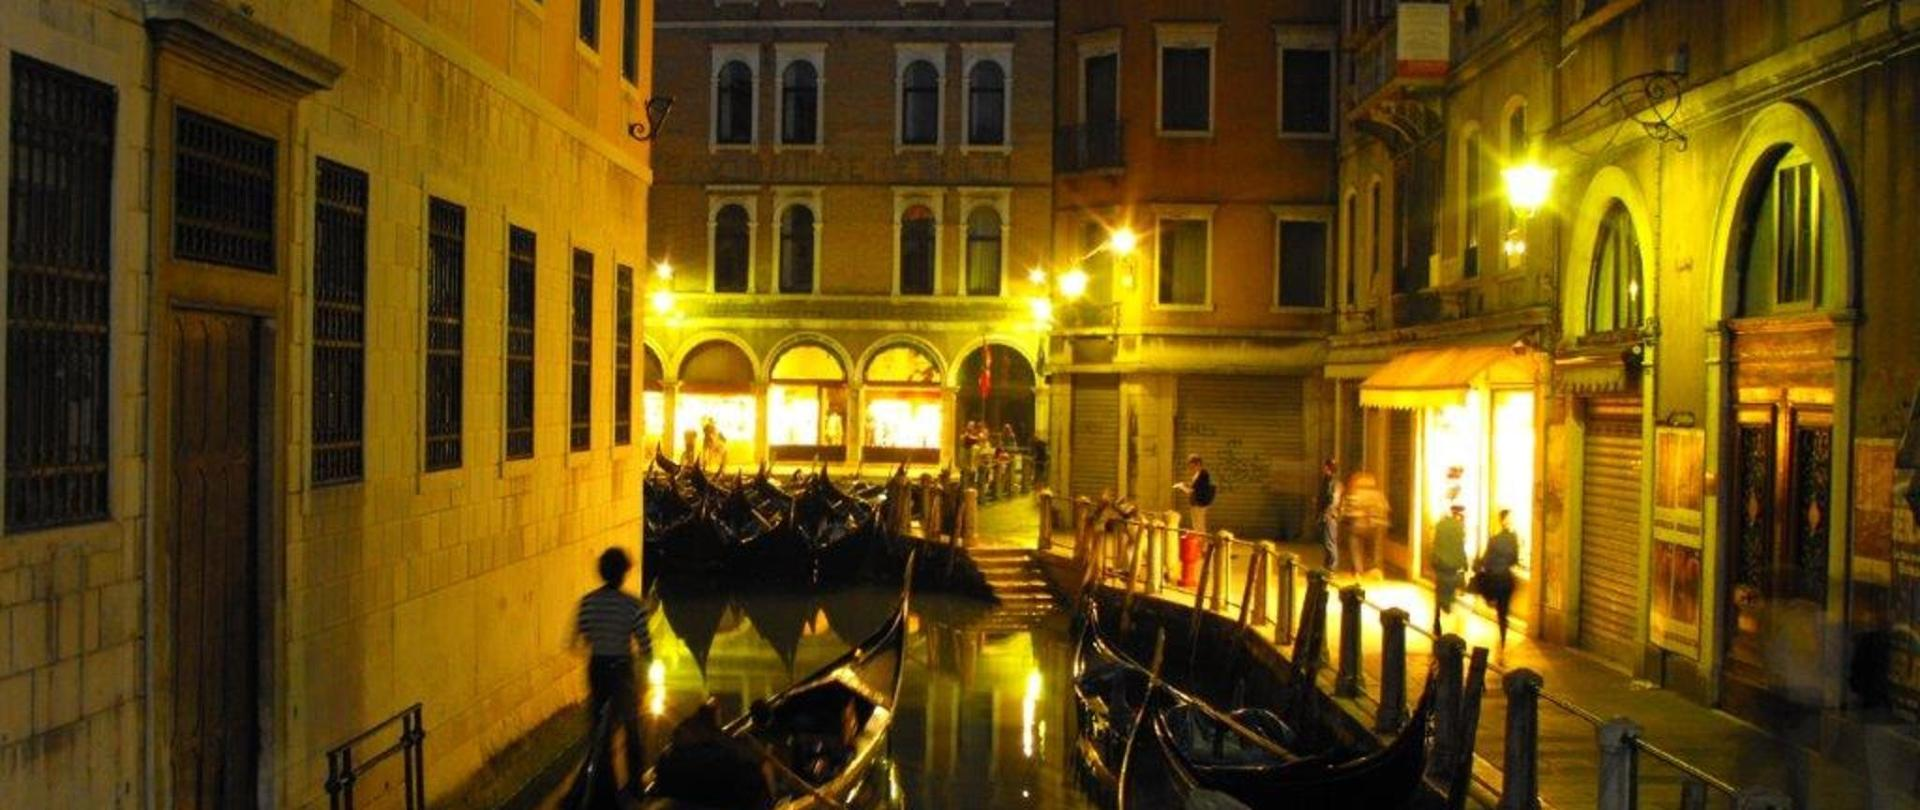 Foto Venezia 4 (002).jpg